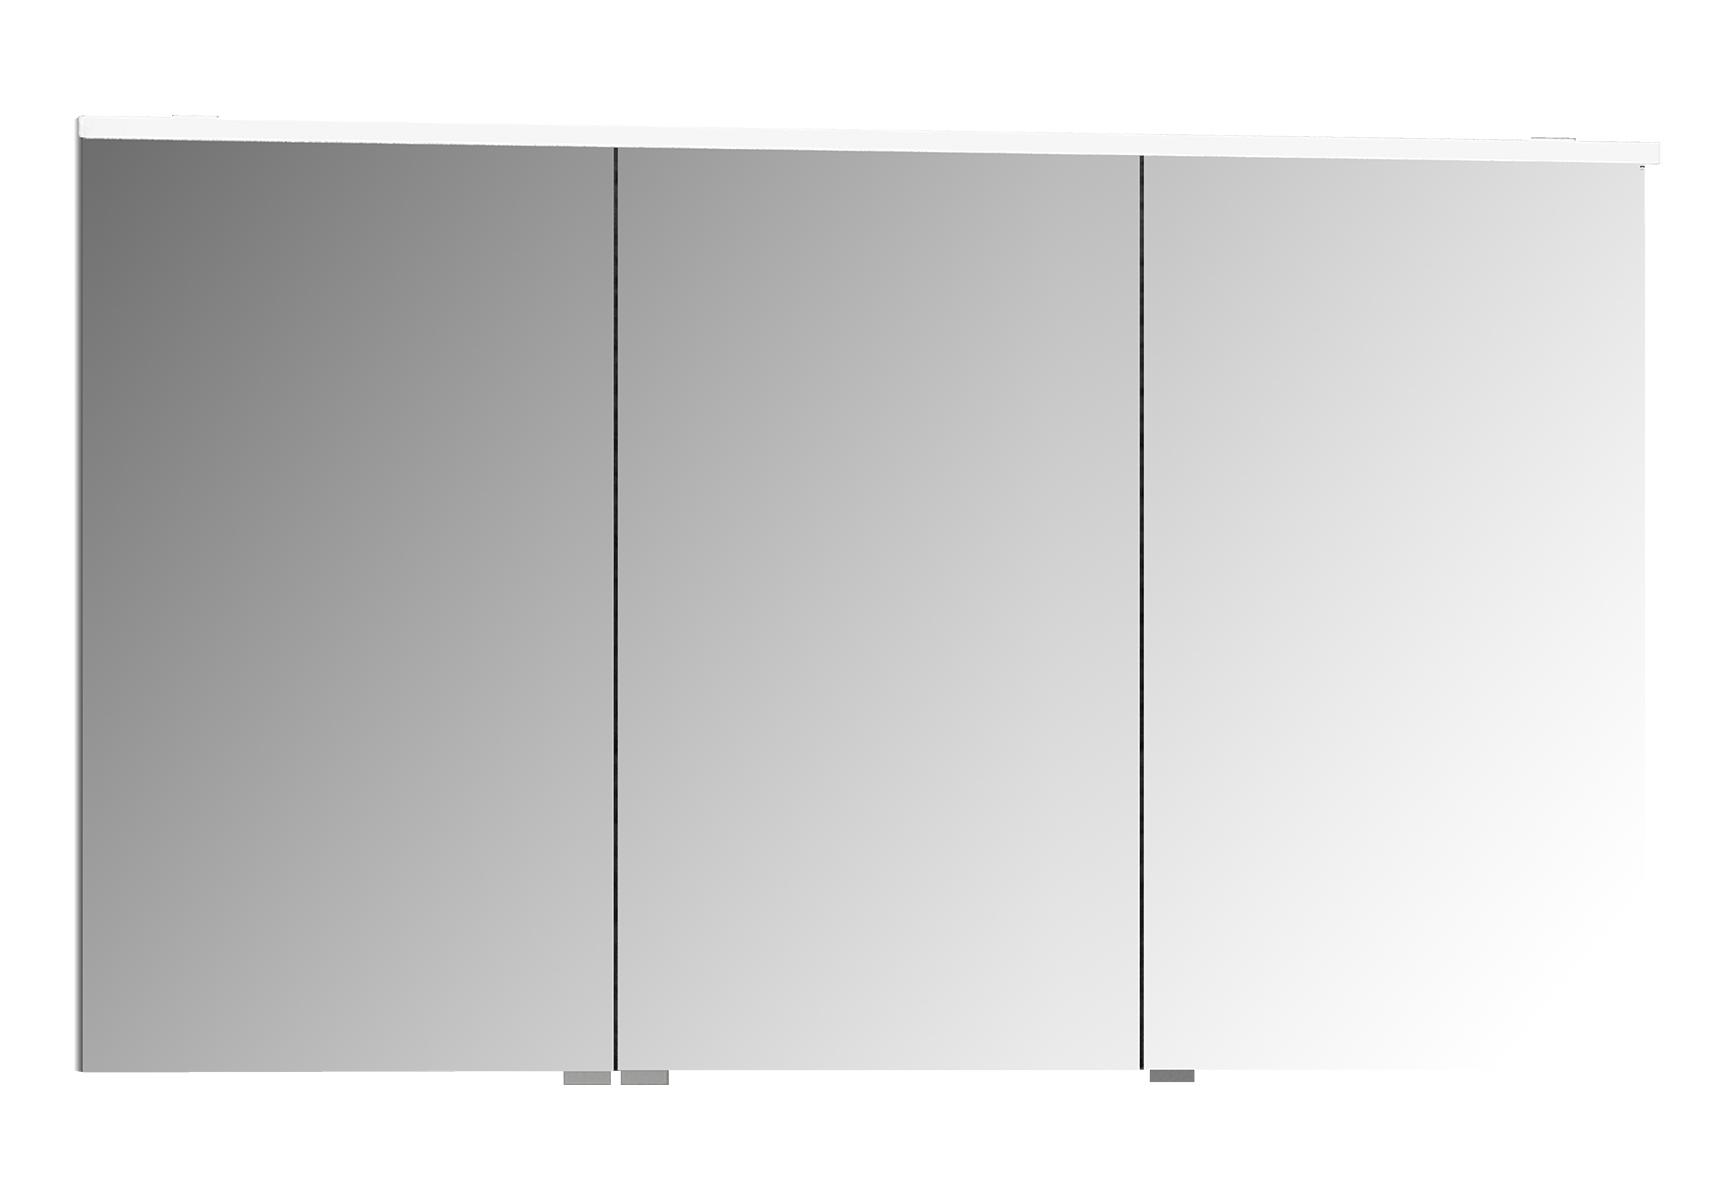 Sento Premium LED-Spiegelschrank, 120 cm, Weiß Matt